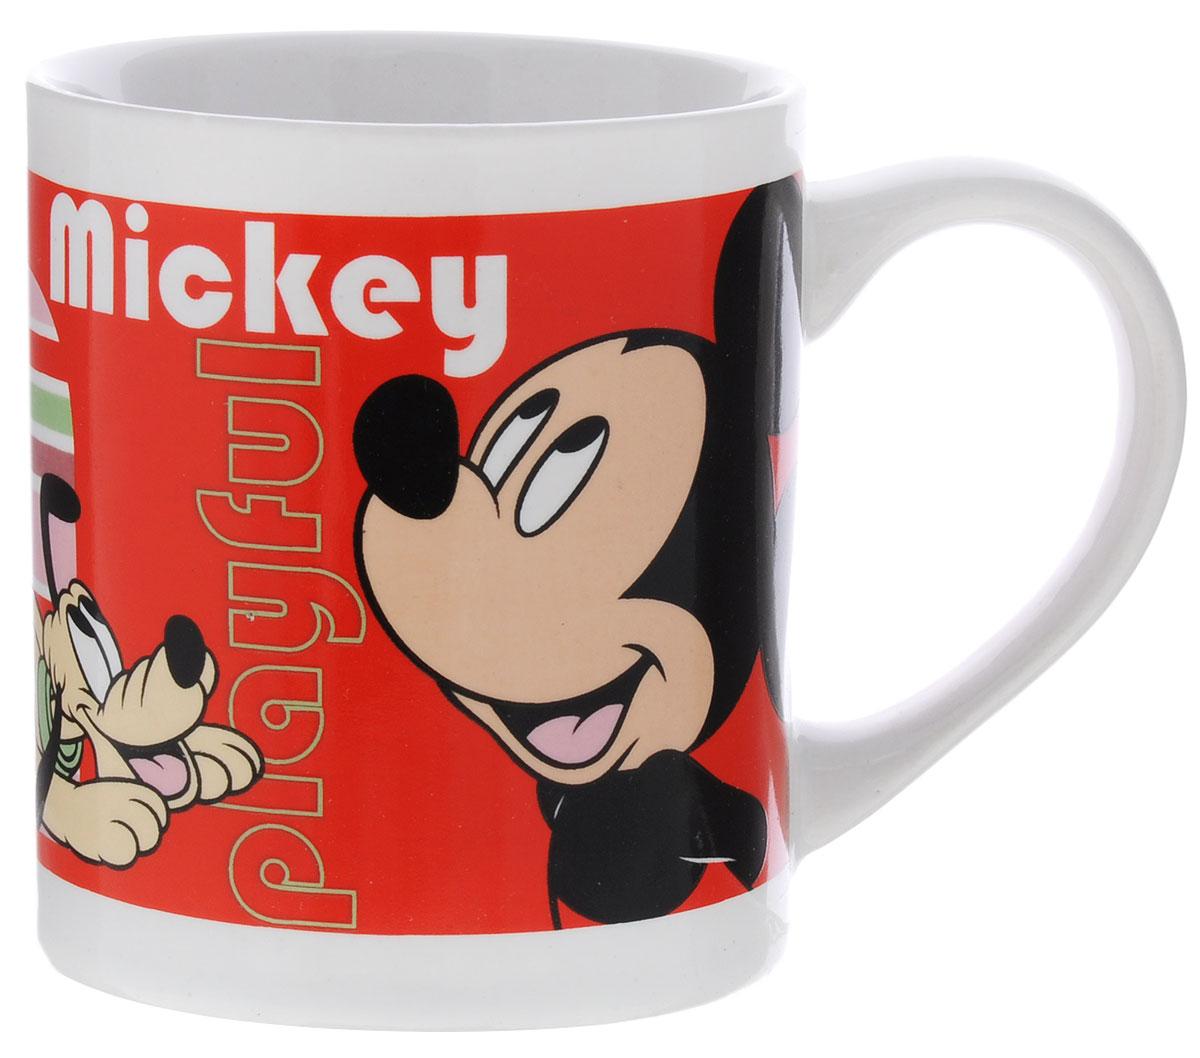 Stor Кружка детская Микки Маус 220 мл70188Детская кружка Stor Микки Маус из серии Stor Disney с любимым героем станет отличным подарком для вашего ребенка. Она выполнена из керамики и оформлена изображением Микки Мауса. Кружка дополнена удобной ручкой. Такой подарок станет не только приятным, но и практичным сувениром: кружка будет незаменимым атрибутом чаепития, а оригинальное оформление кружки добавит ярких эмоций и хорошего настроения. Можно использовать в СВЧ-печи и посудомоечной машине.